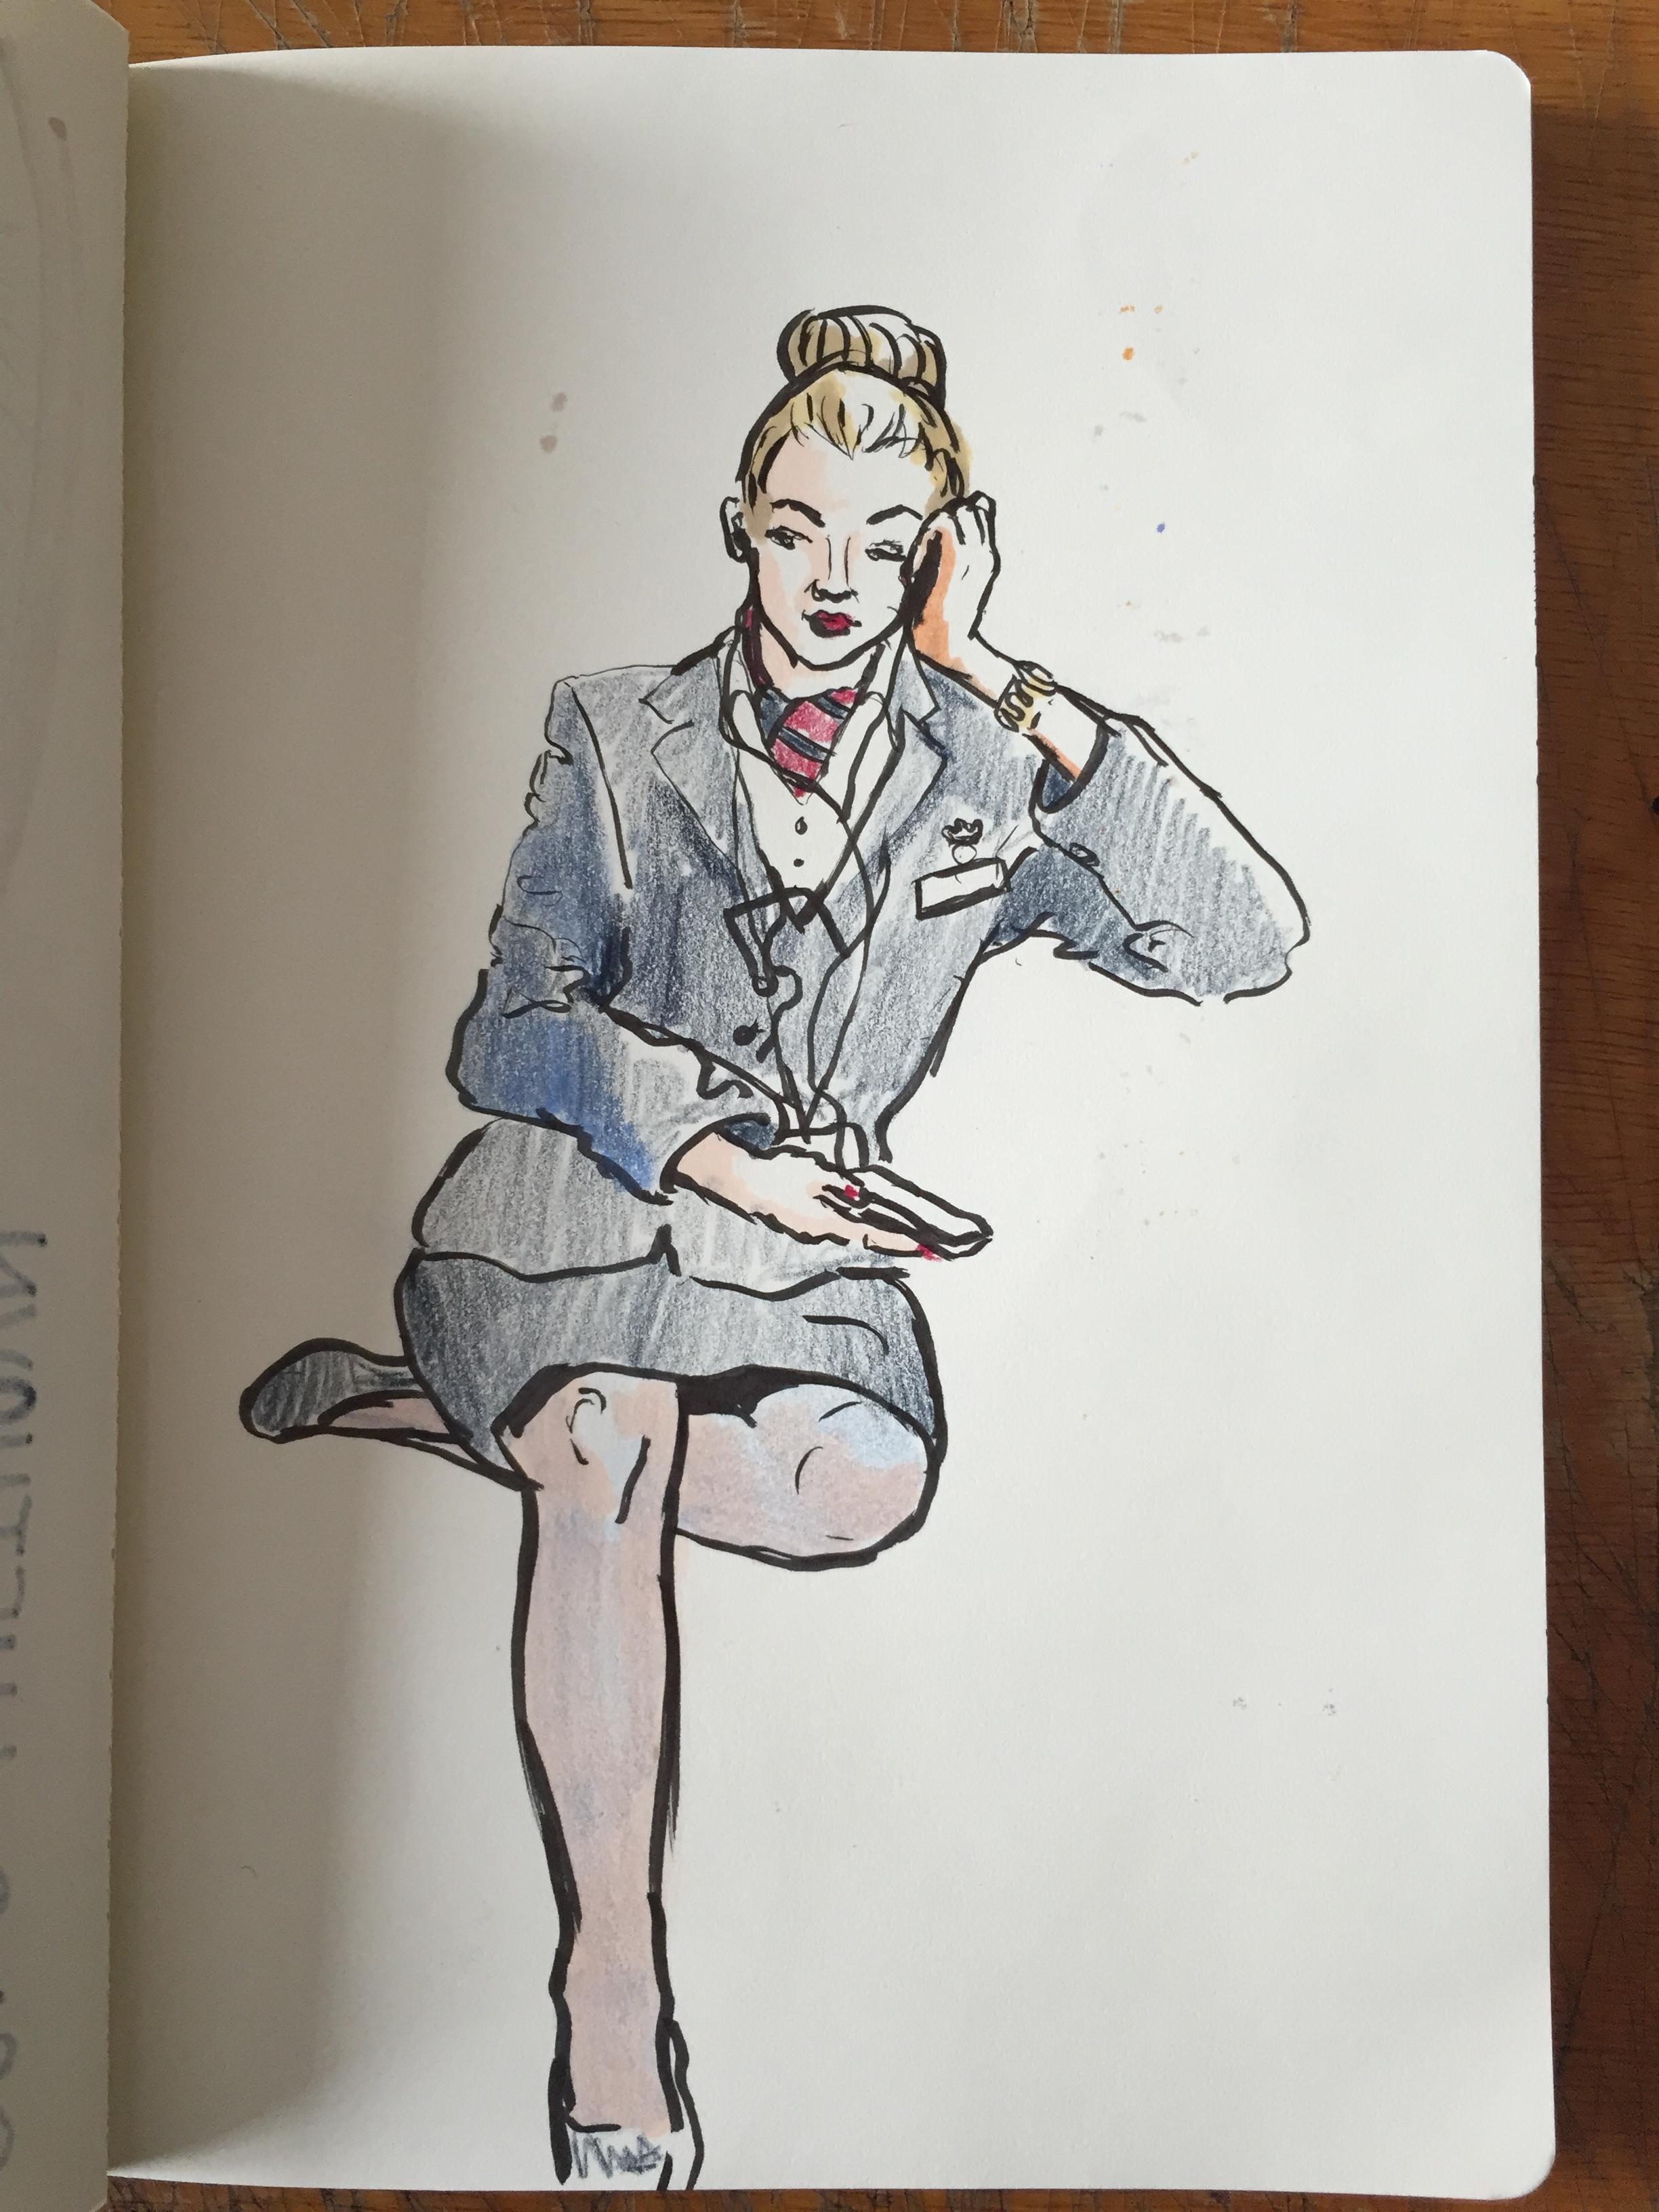 Air Hostess after a flight - London Underground